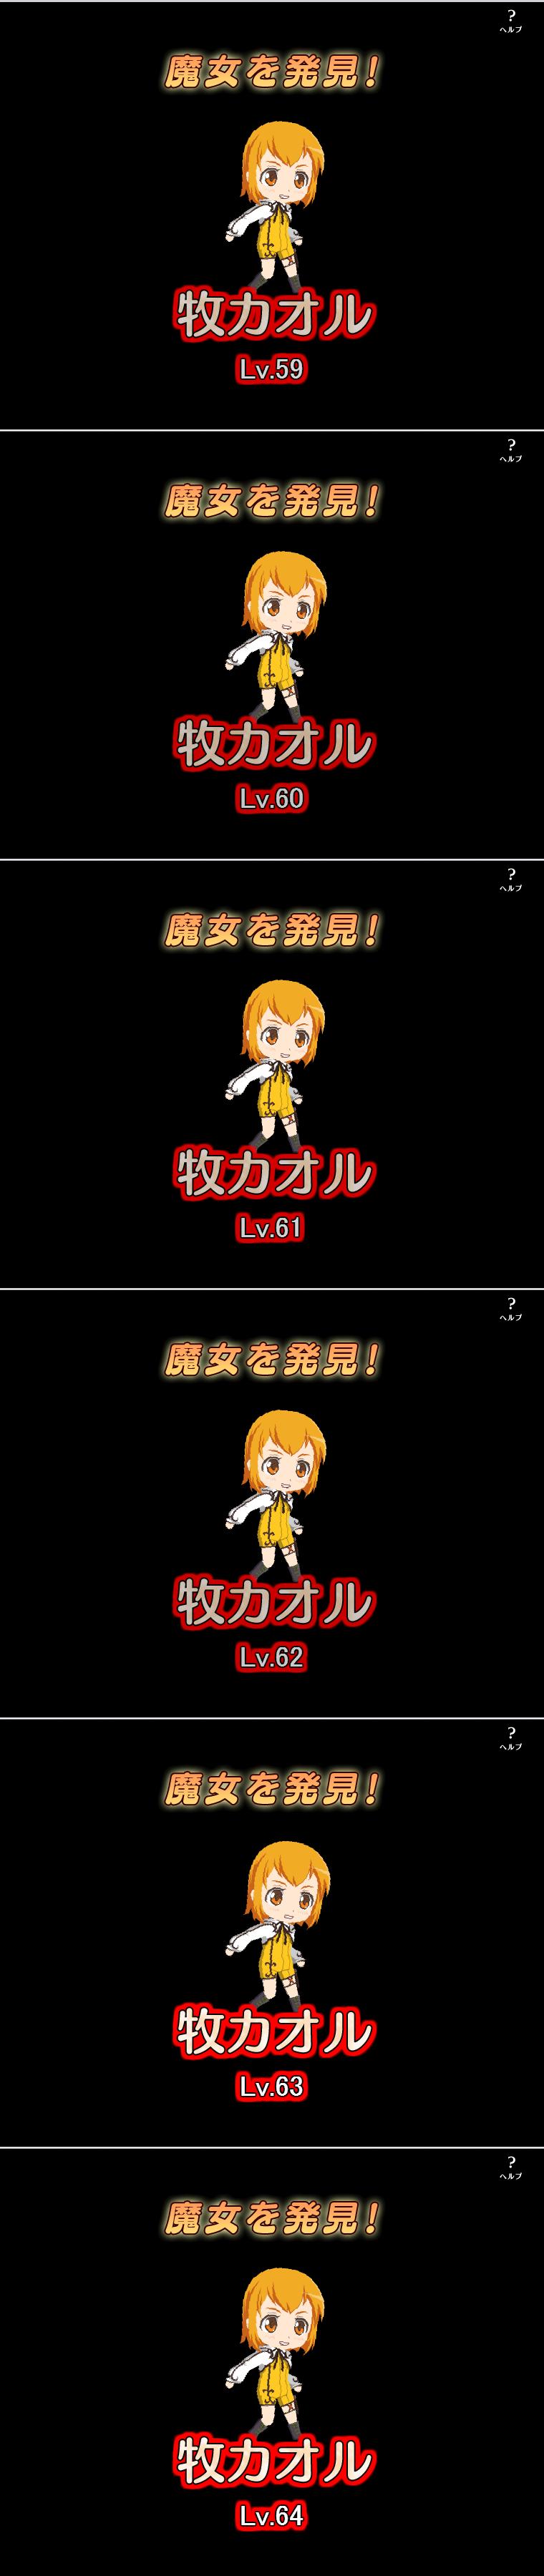 2013/10/14 遭遇したカオル5